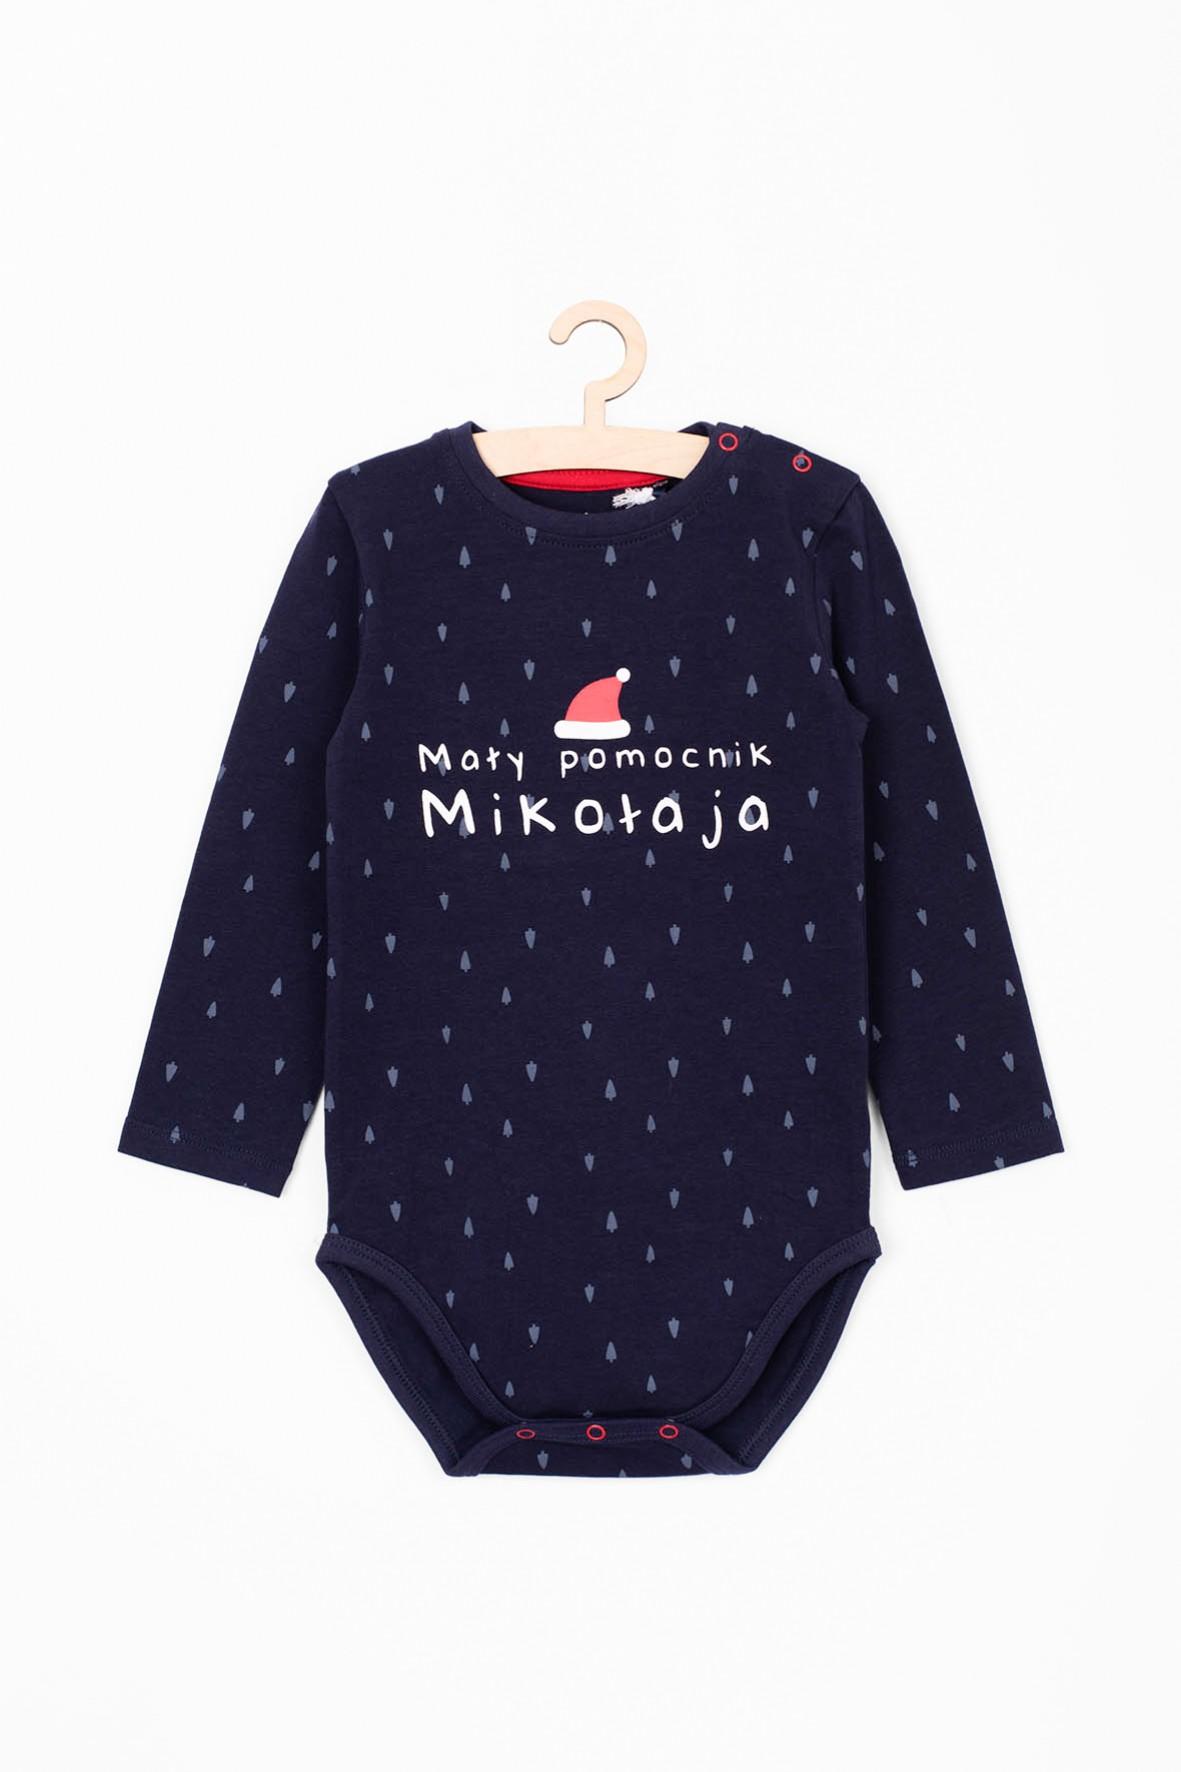 Body niemowlęce- mały pomocnik Mikołaja